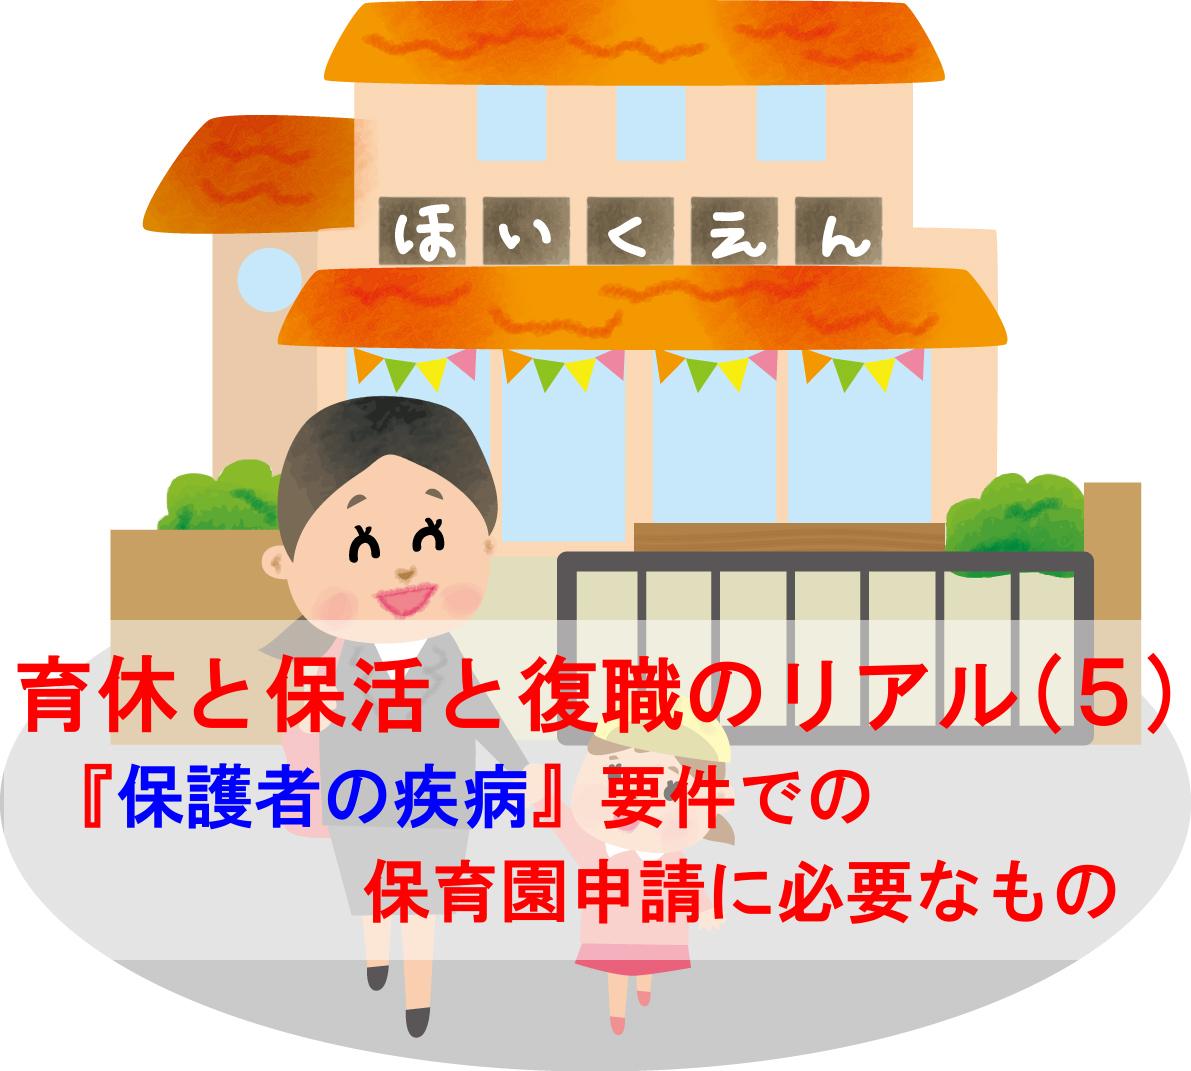 育休と保活と復職のリアル(5) -ママぷろ!